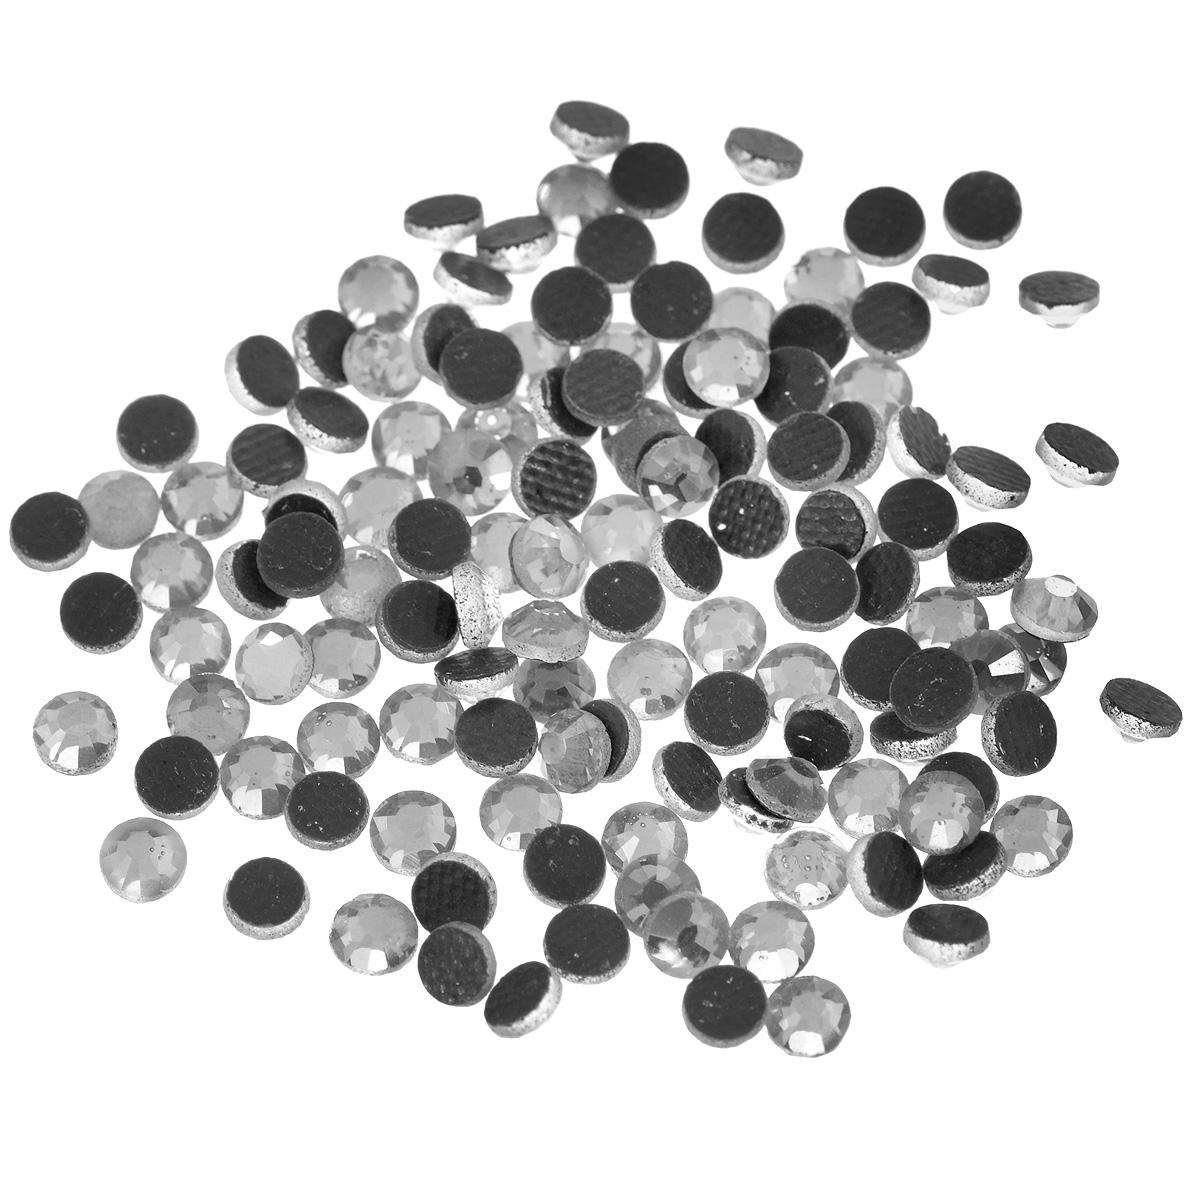 Стразы термоклеевые Cristal, цвет: белый (001), диаметр 4 мм, 144 шт7706831_001Набор термоклеевых страз Cristal, изготовленный из высококачественного акрила, позволит вам украсить одежду, аксессуары или текстиль. Яркие стразы имеют плоское дно и круглую поверхность с гранями. Дно термоклеевых страз уже обработано особым клеем, который под воздействием высоких температур начинает плавиться, приклеиваясь, таким образом, к требуемой поверхности. Чаще всего их используют в текстильной промышленности: стразы прикладывают к ткани и проглаживают утюгом с обратной стороны. Также можно использовать специальный паяльник. Украшение стразами поможет сделать любую вещь оригинальной и неповторимой. Диаметр стразы: 4 мм.